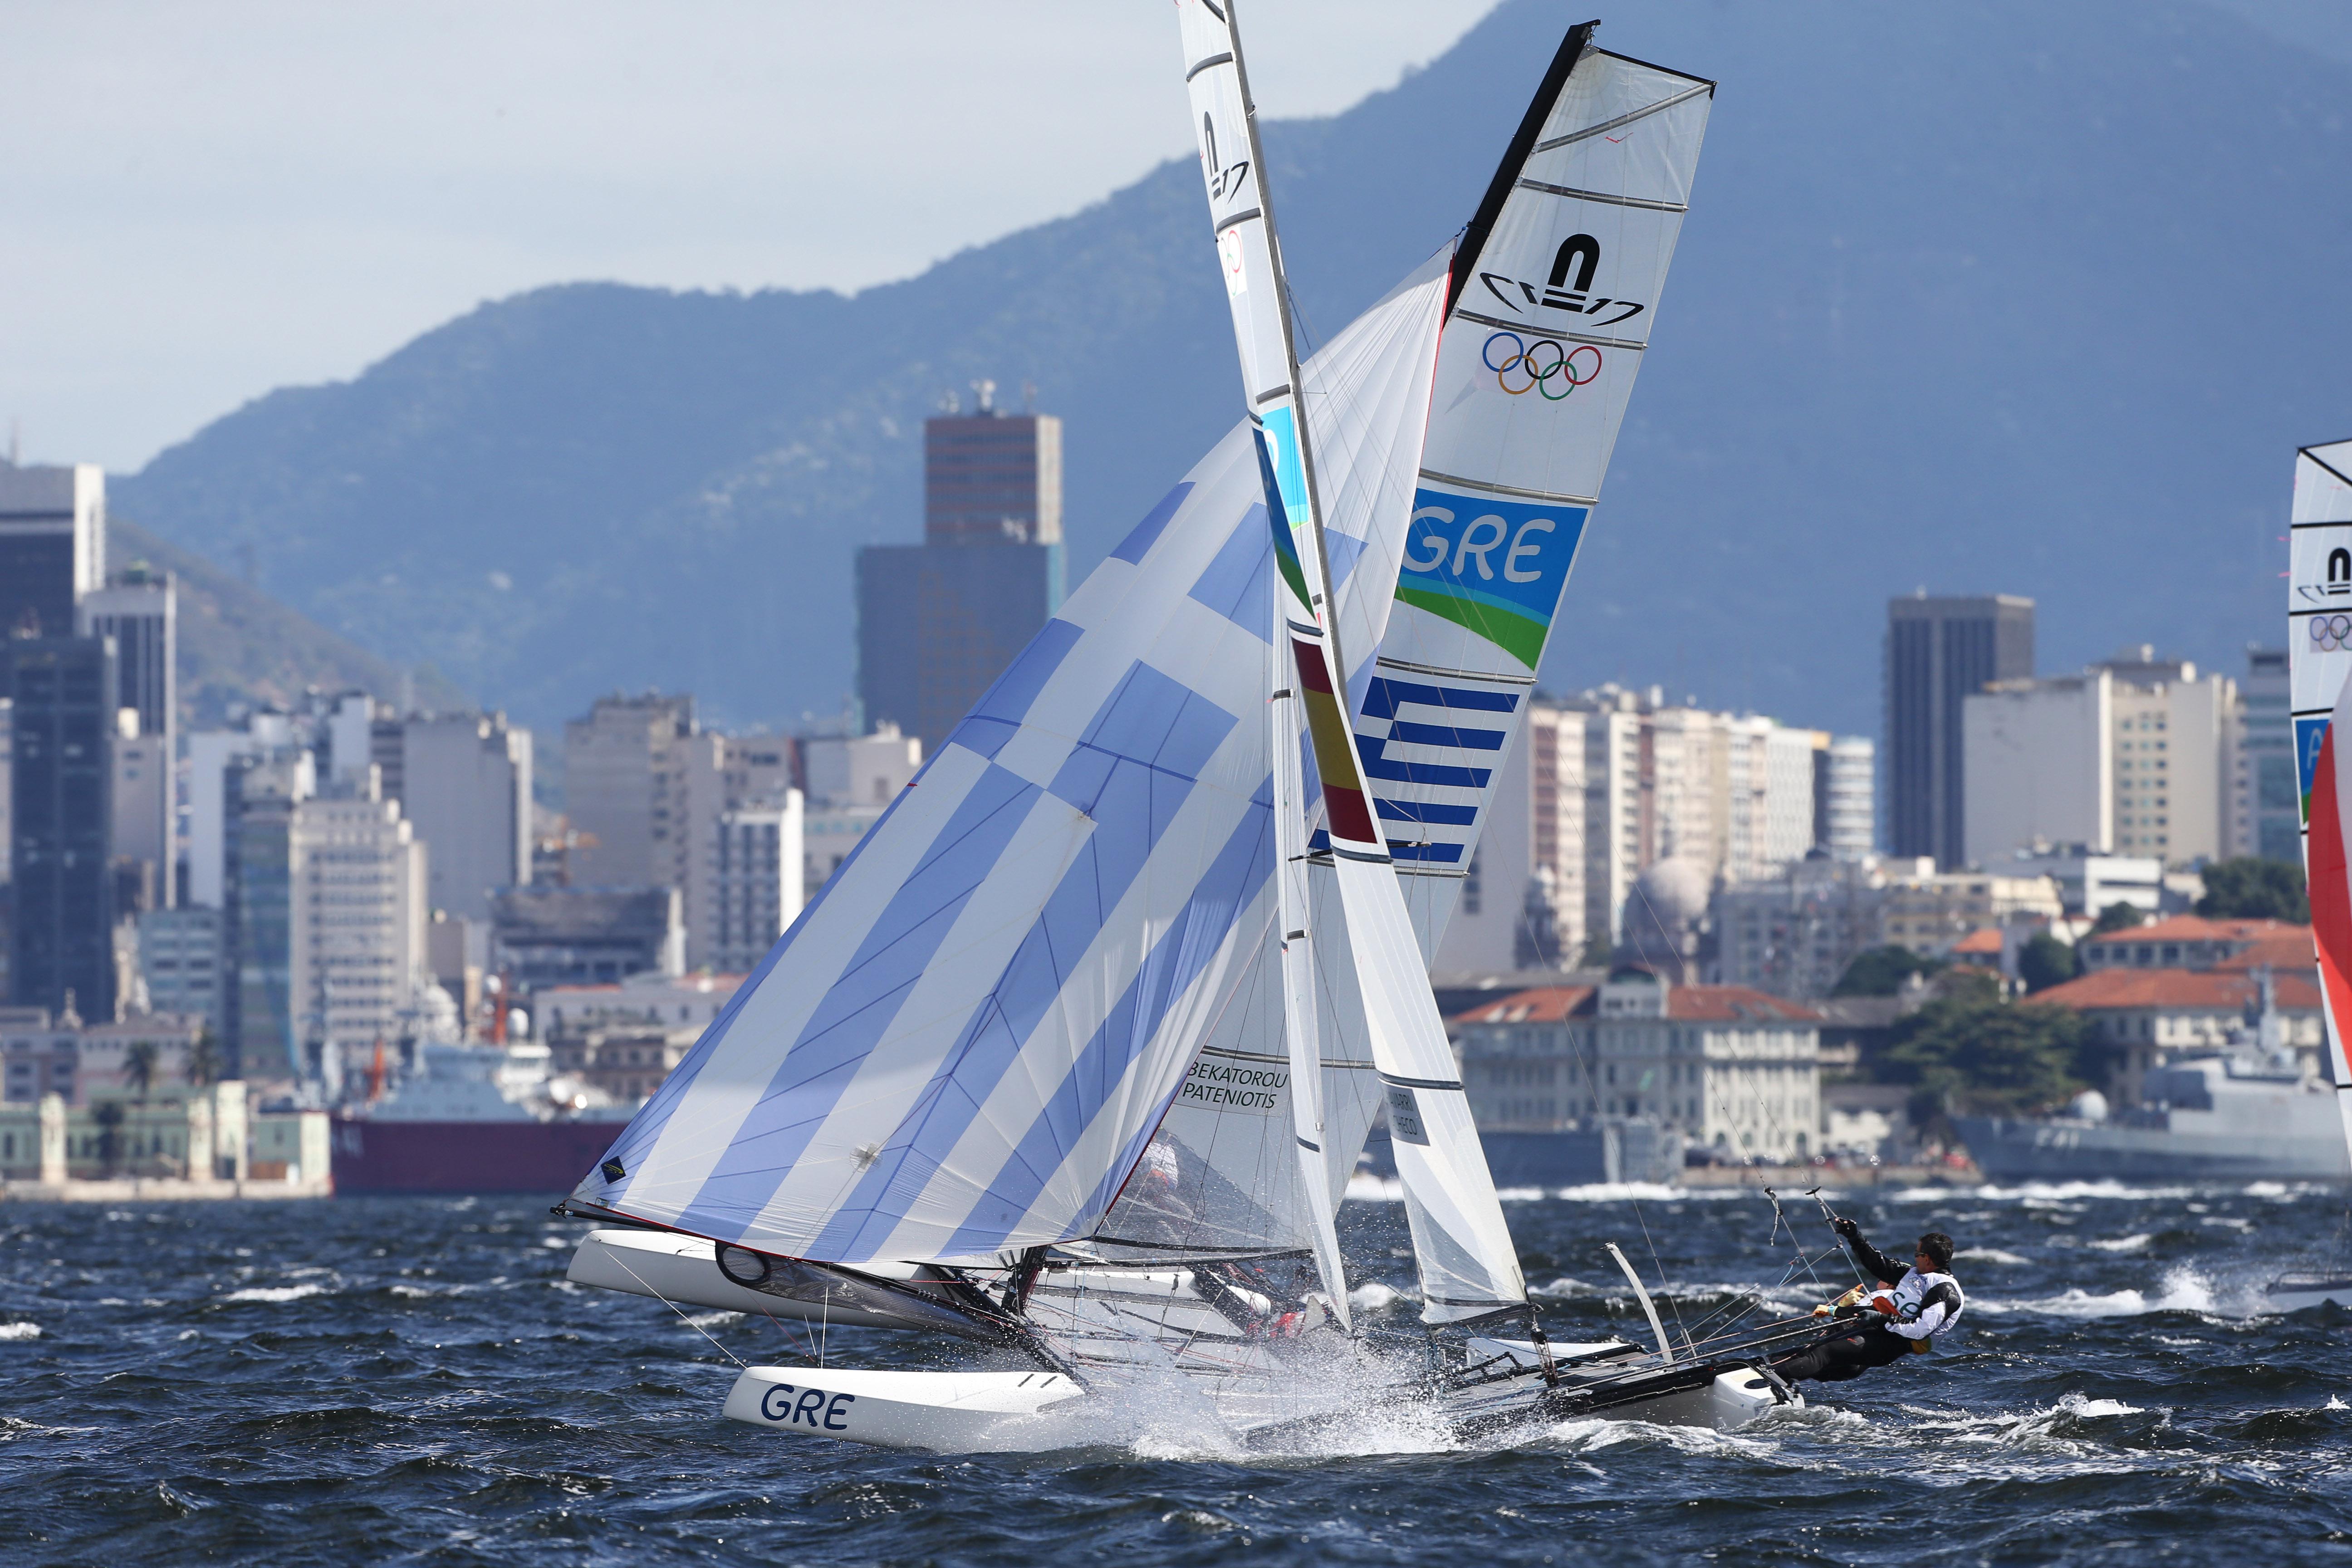 """Στη """"μάχη"""" για την πρόκριση τους Ολυμπιακούς Αγώνες Μπεκατώρου και Πασχαλίδης!"""